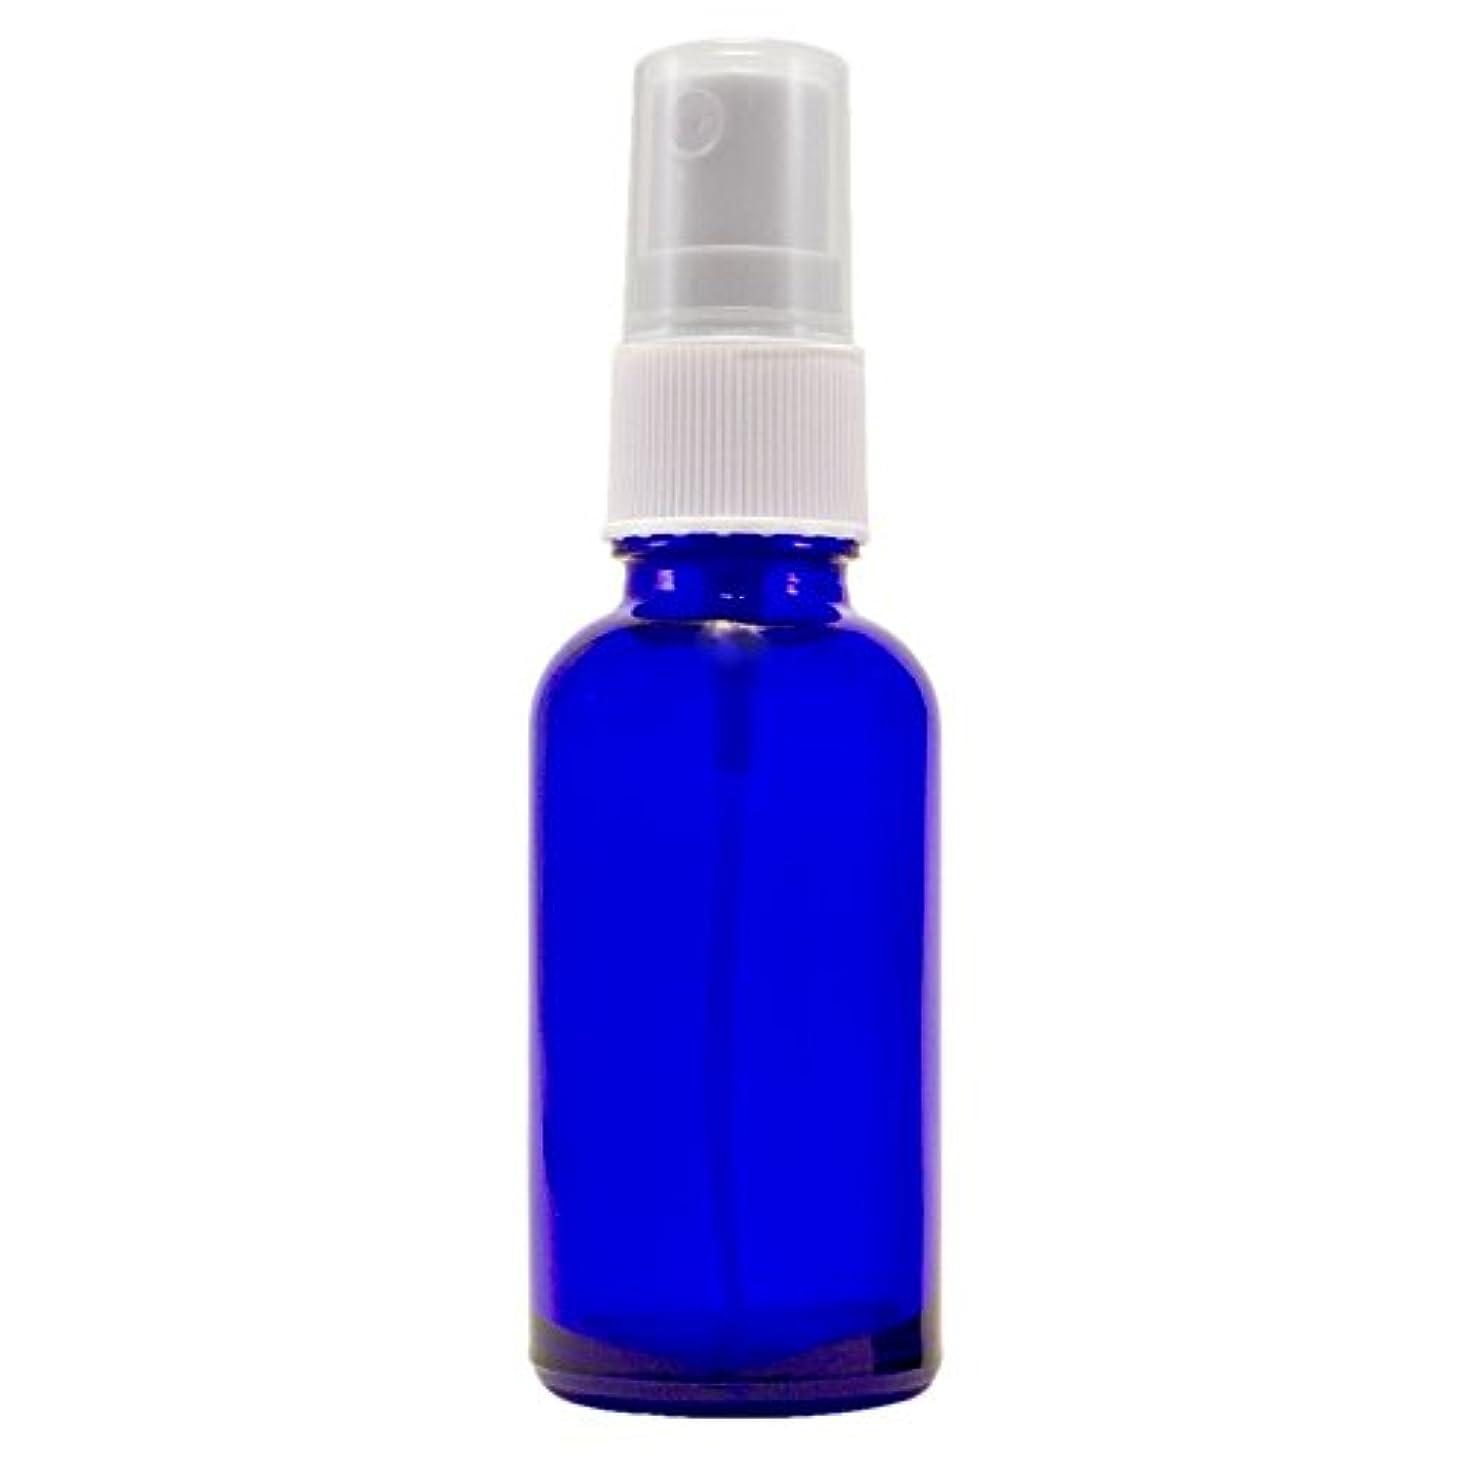 シード失聖域Wyndmere Naturals - Glass Bottle W/mist Sprayer 4oz, 1 Bottles (1) by Wyndmere Naturals